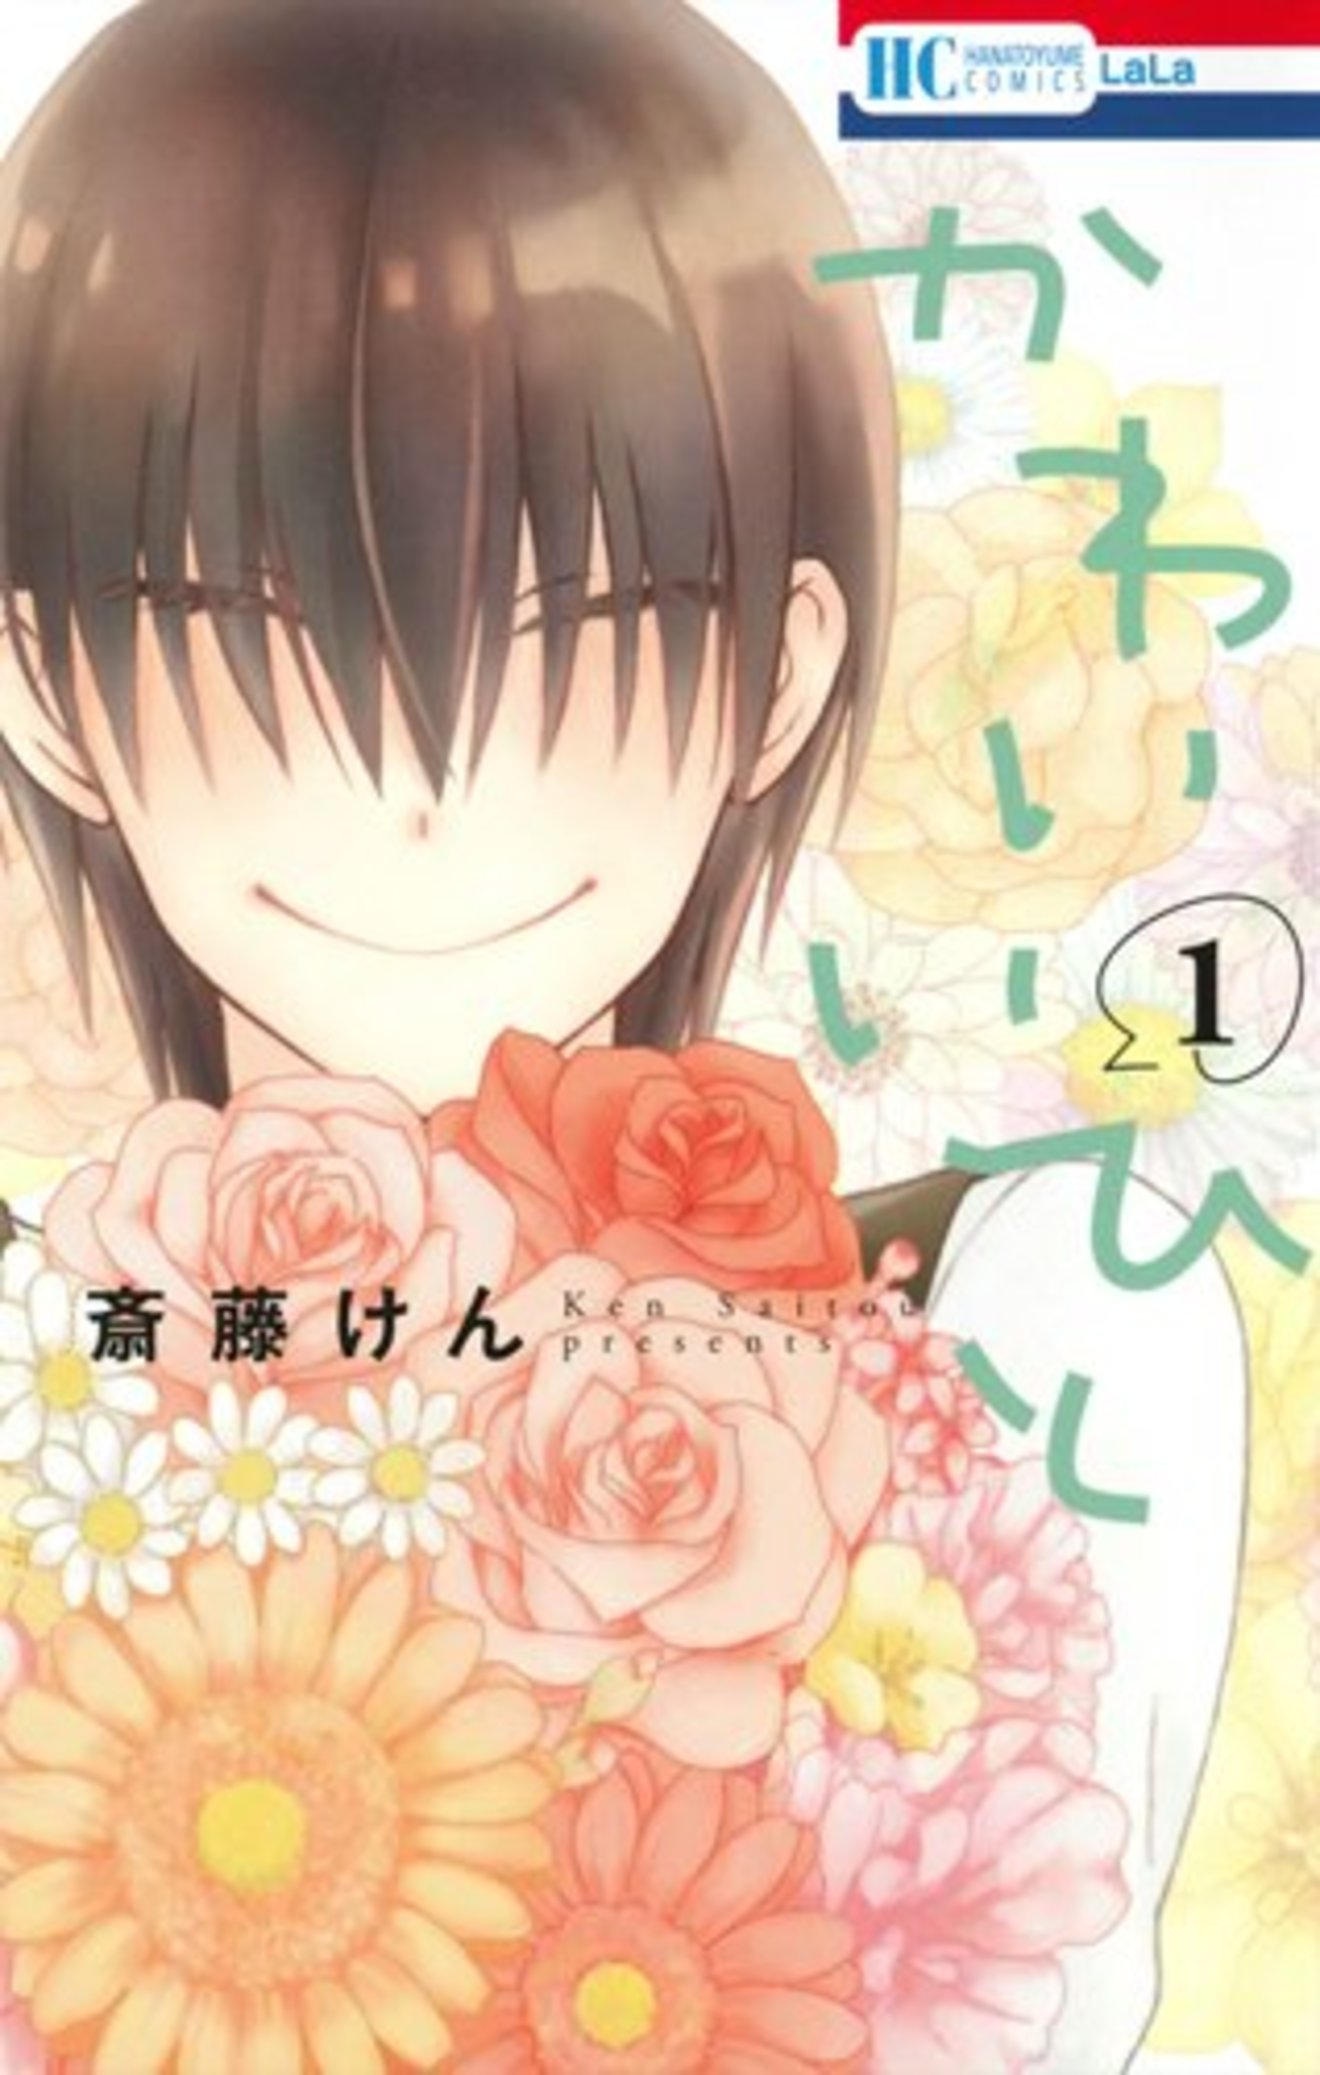 『かわいいひと』最新6巻までネタバレ!癒し系ニヤニヤ漫画が面白い【無料】